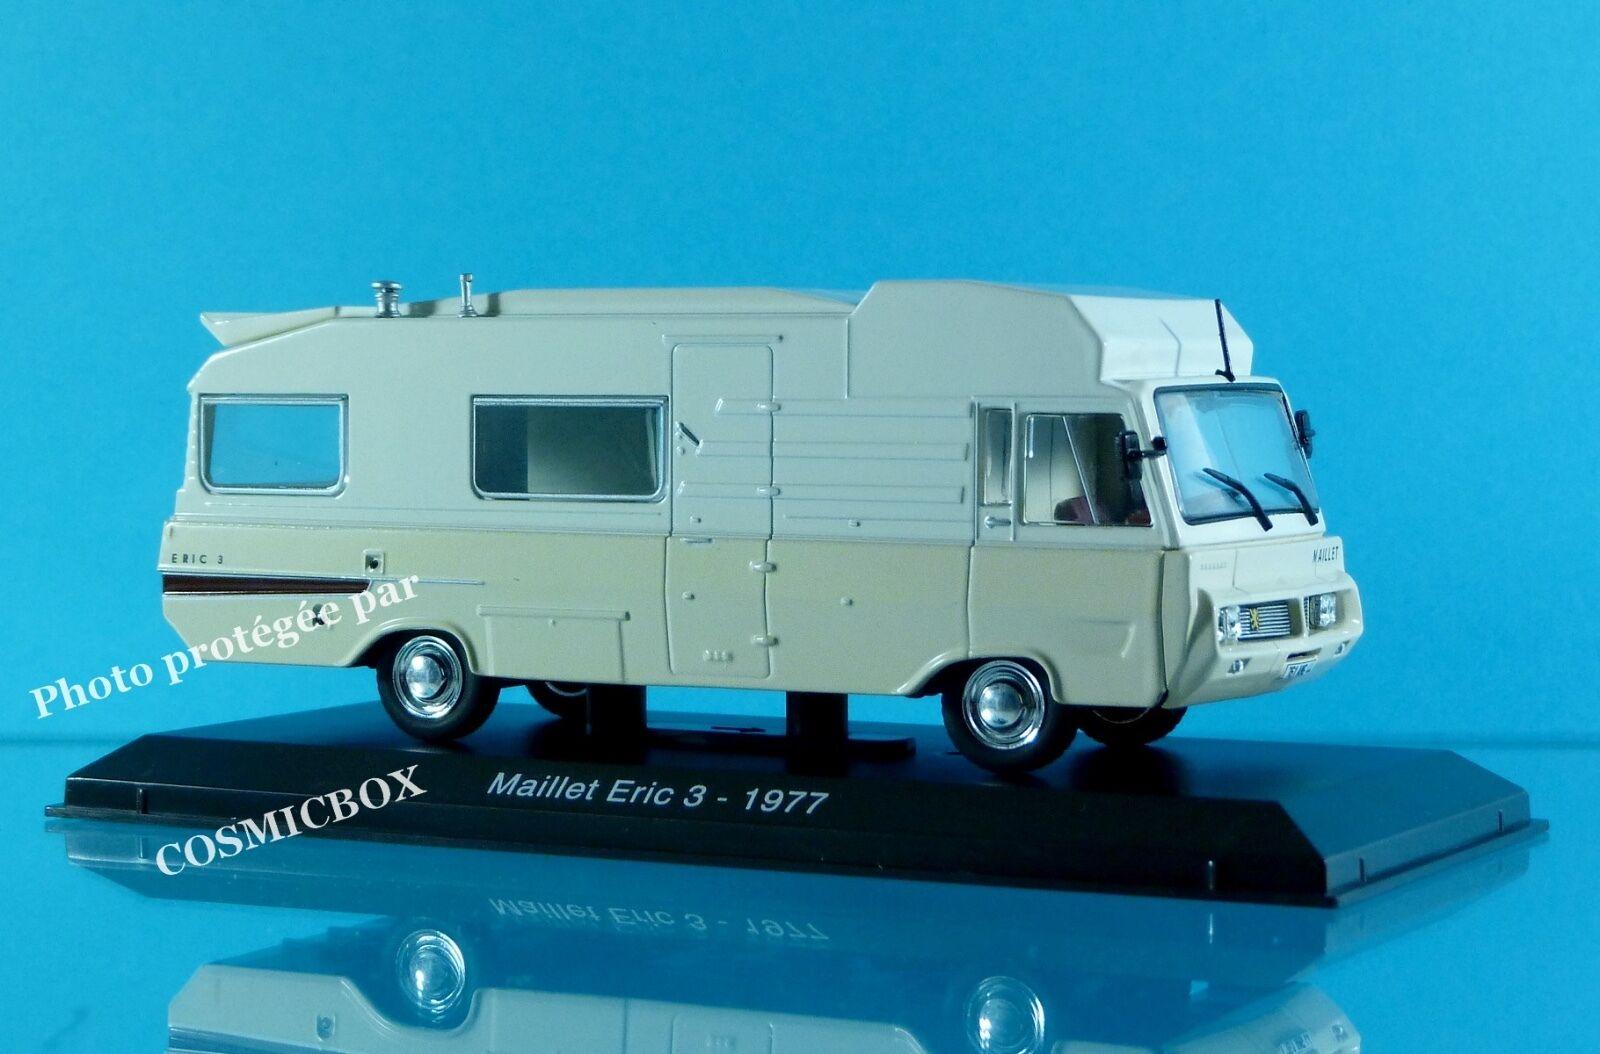 Camping car MAILLET ERIC 3 sur chassis PEUGEOT J7 jean 1 43ème rando caravane